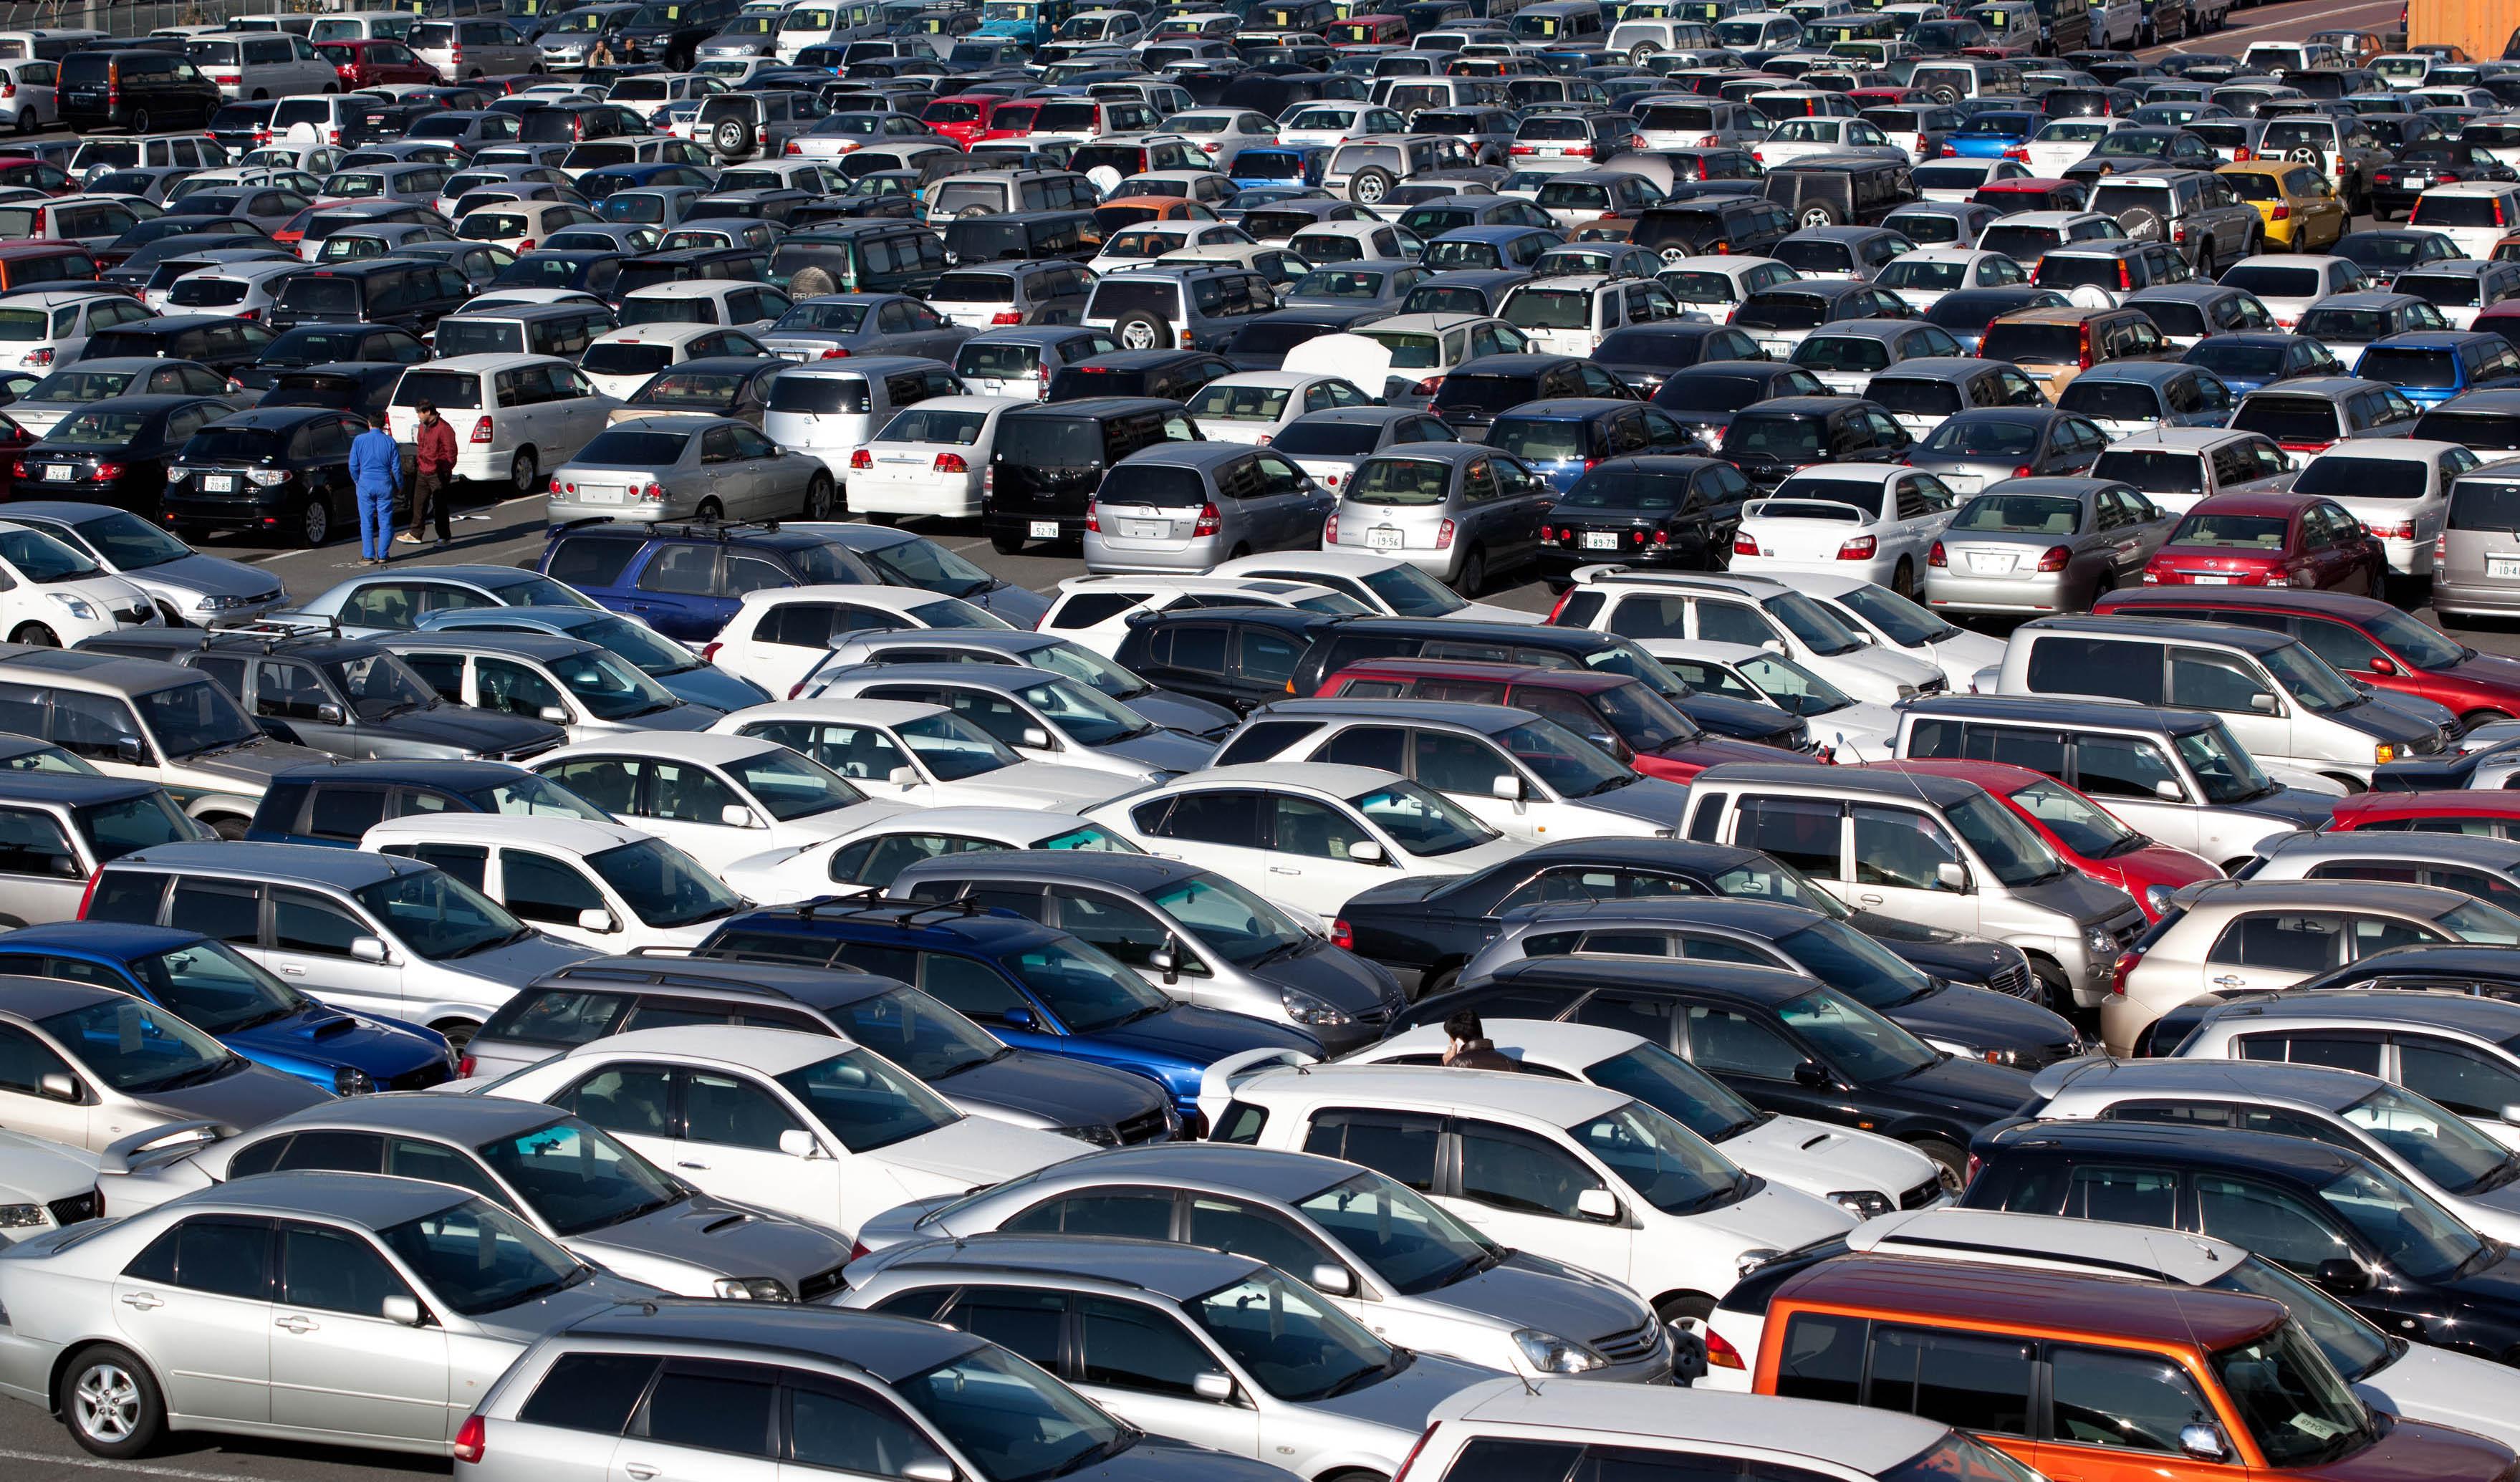 وضعیت بازار خودرو پس از رفت و برگشت طرح آزادسازی واردات